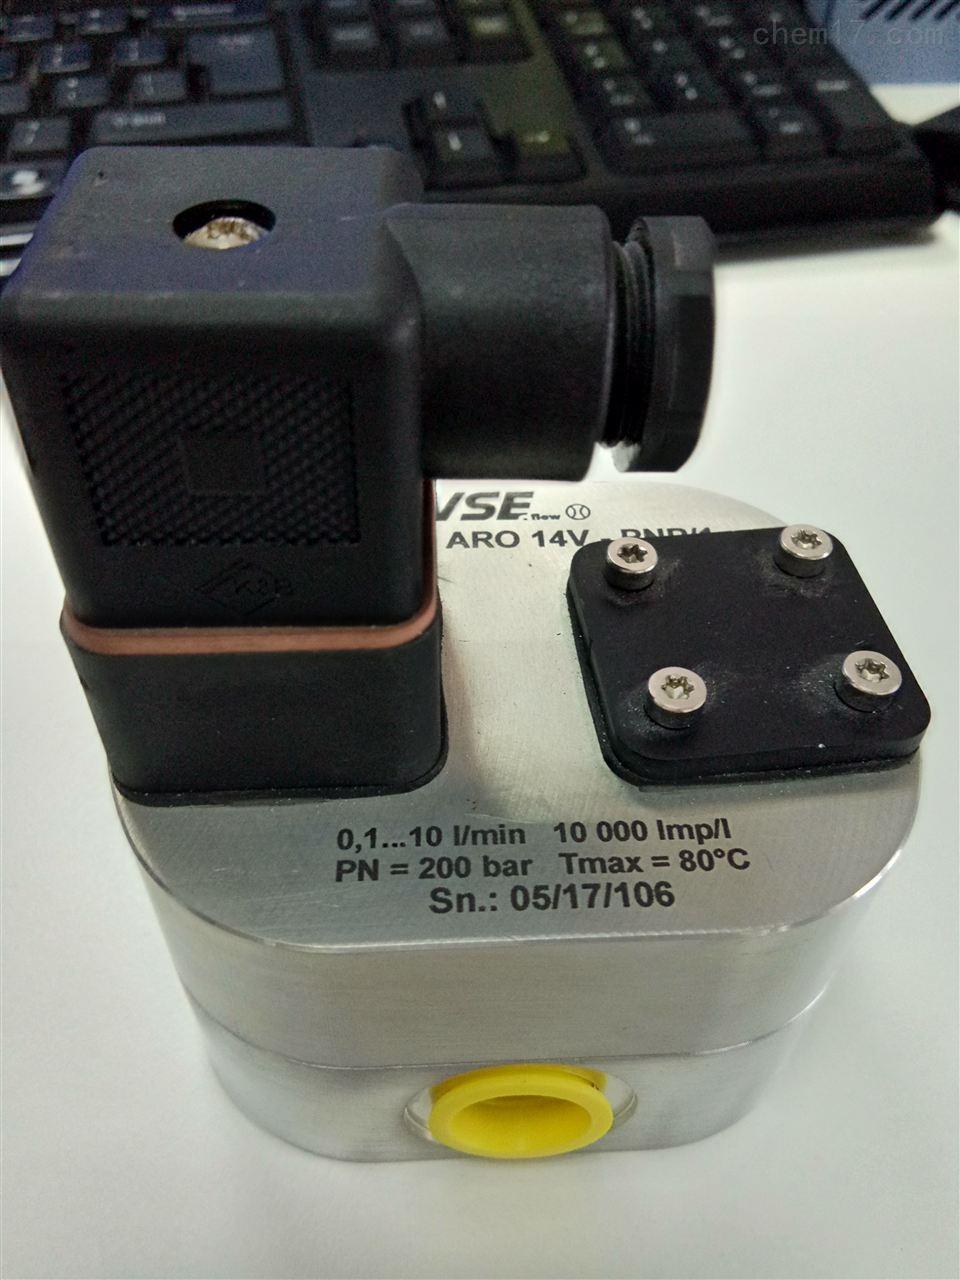 VSE威仕流量计VS0.4EP012V-HTPNP/X